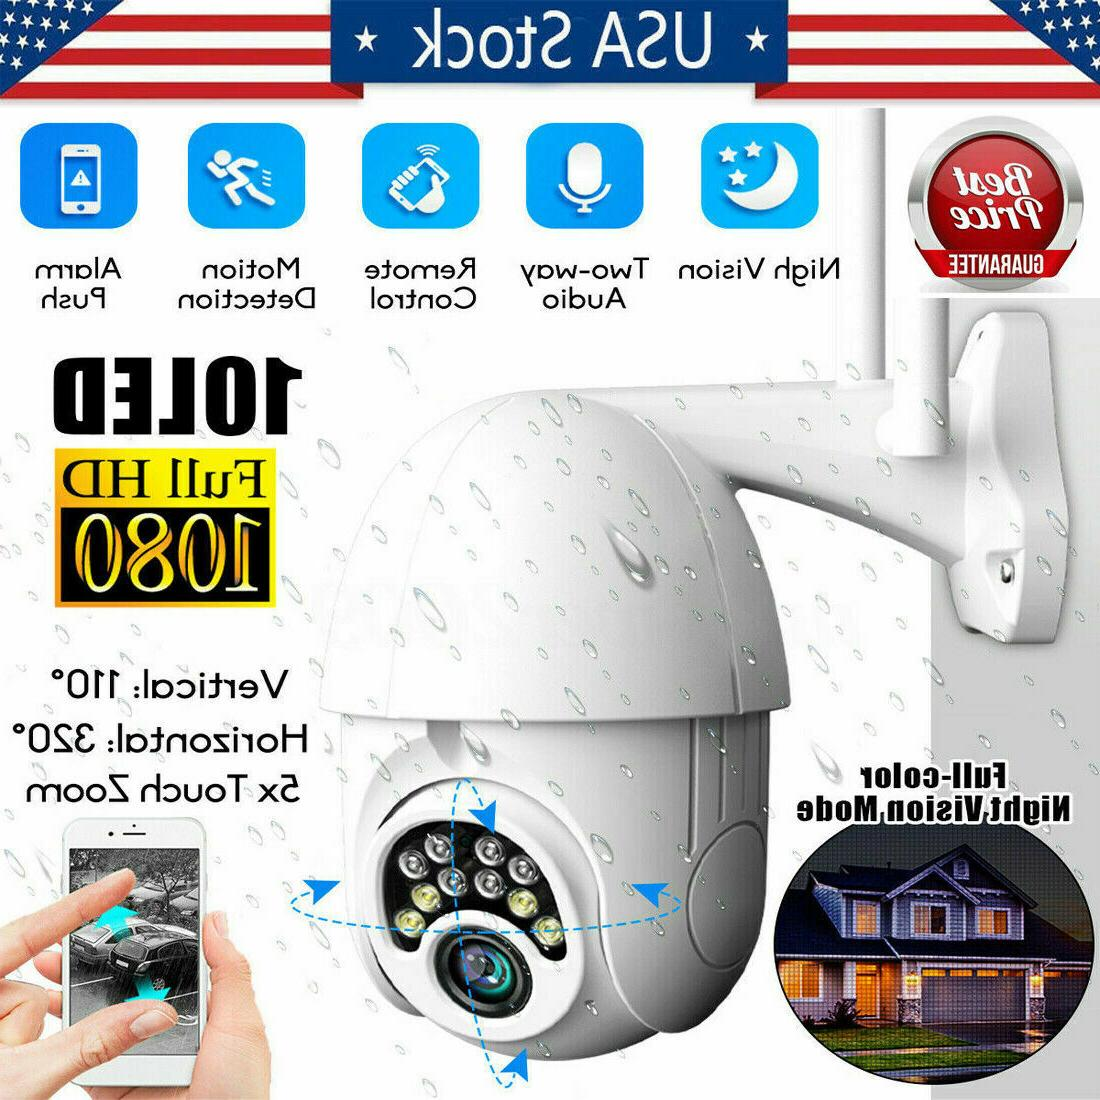 us 1080p hd ip cctv camera waterproof